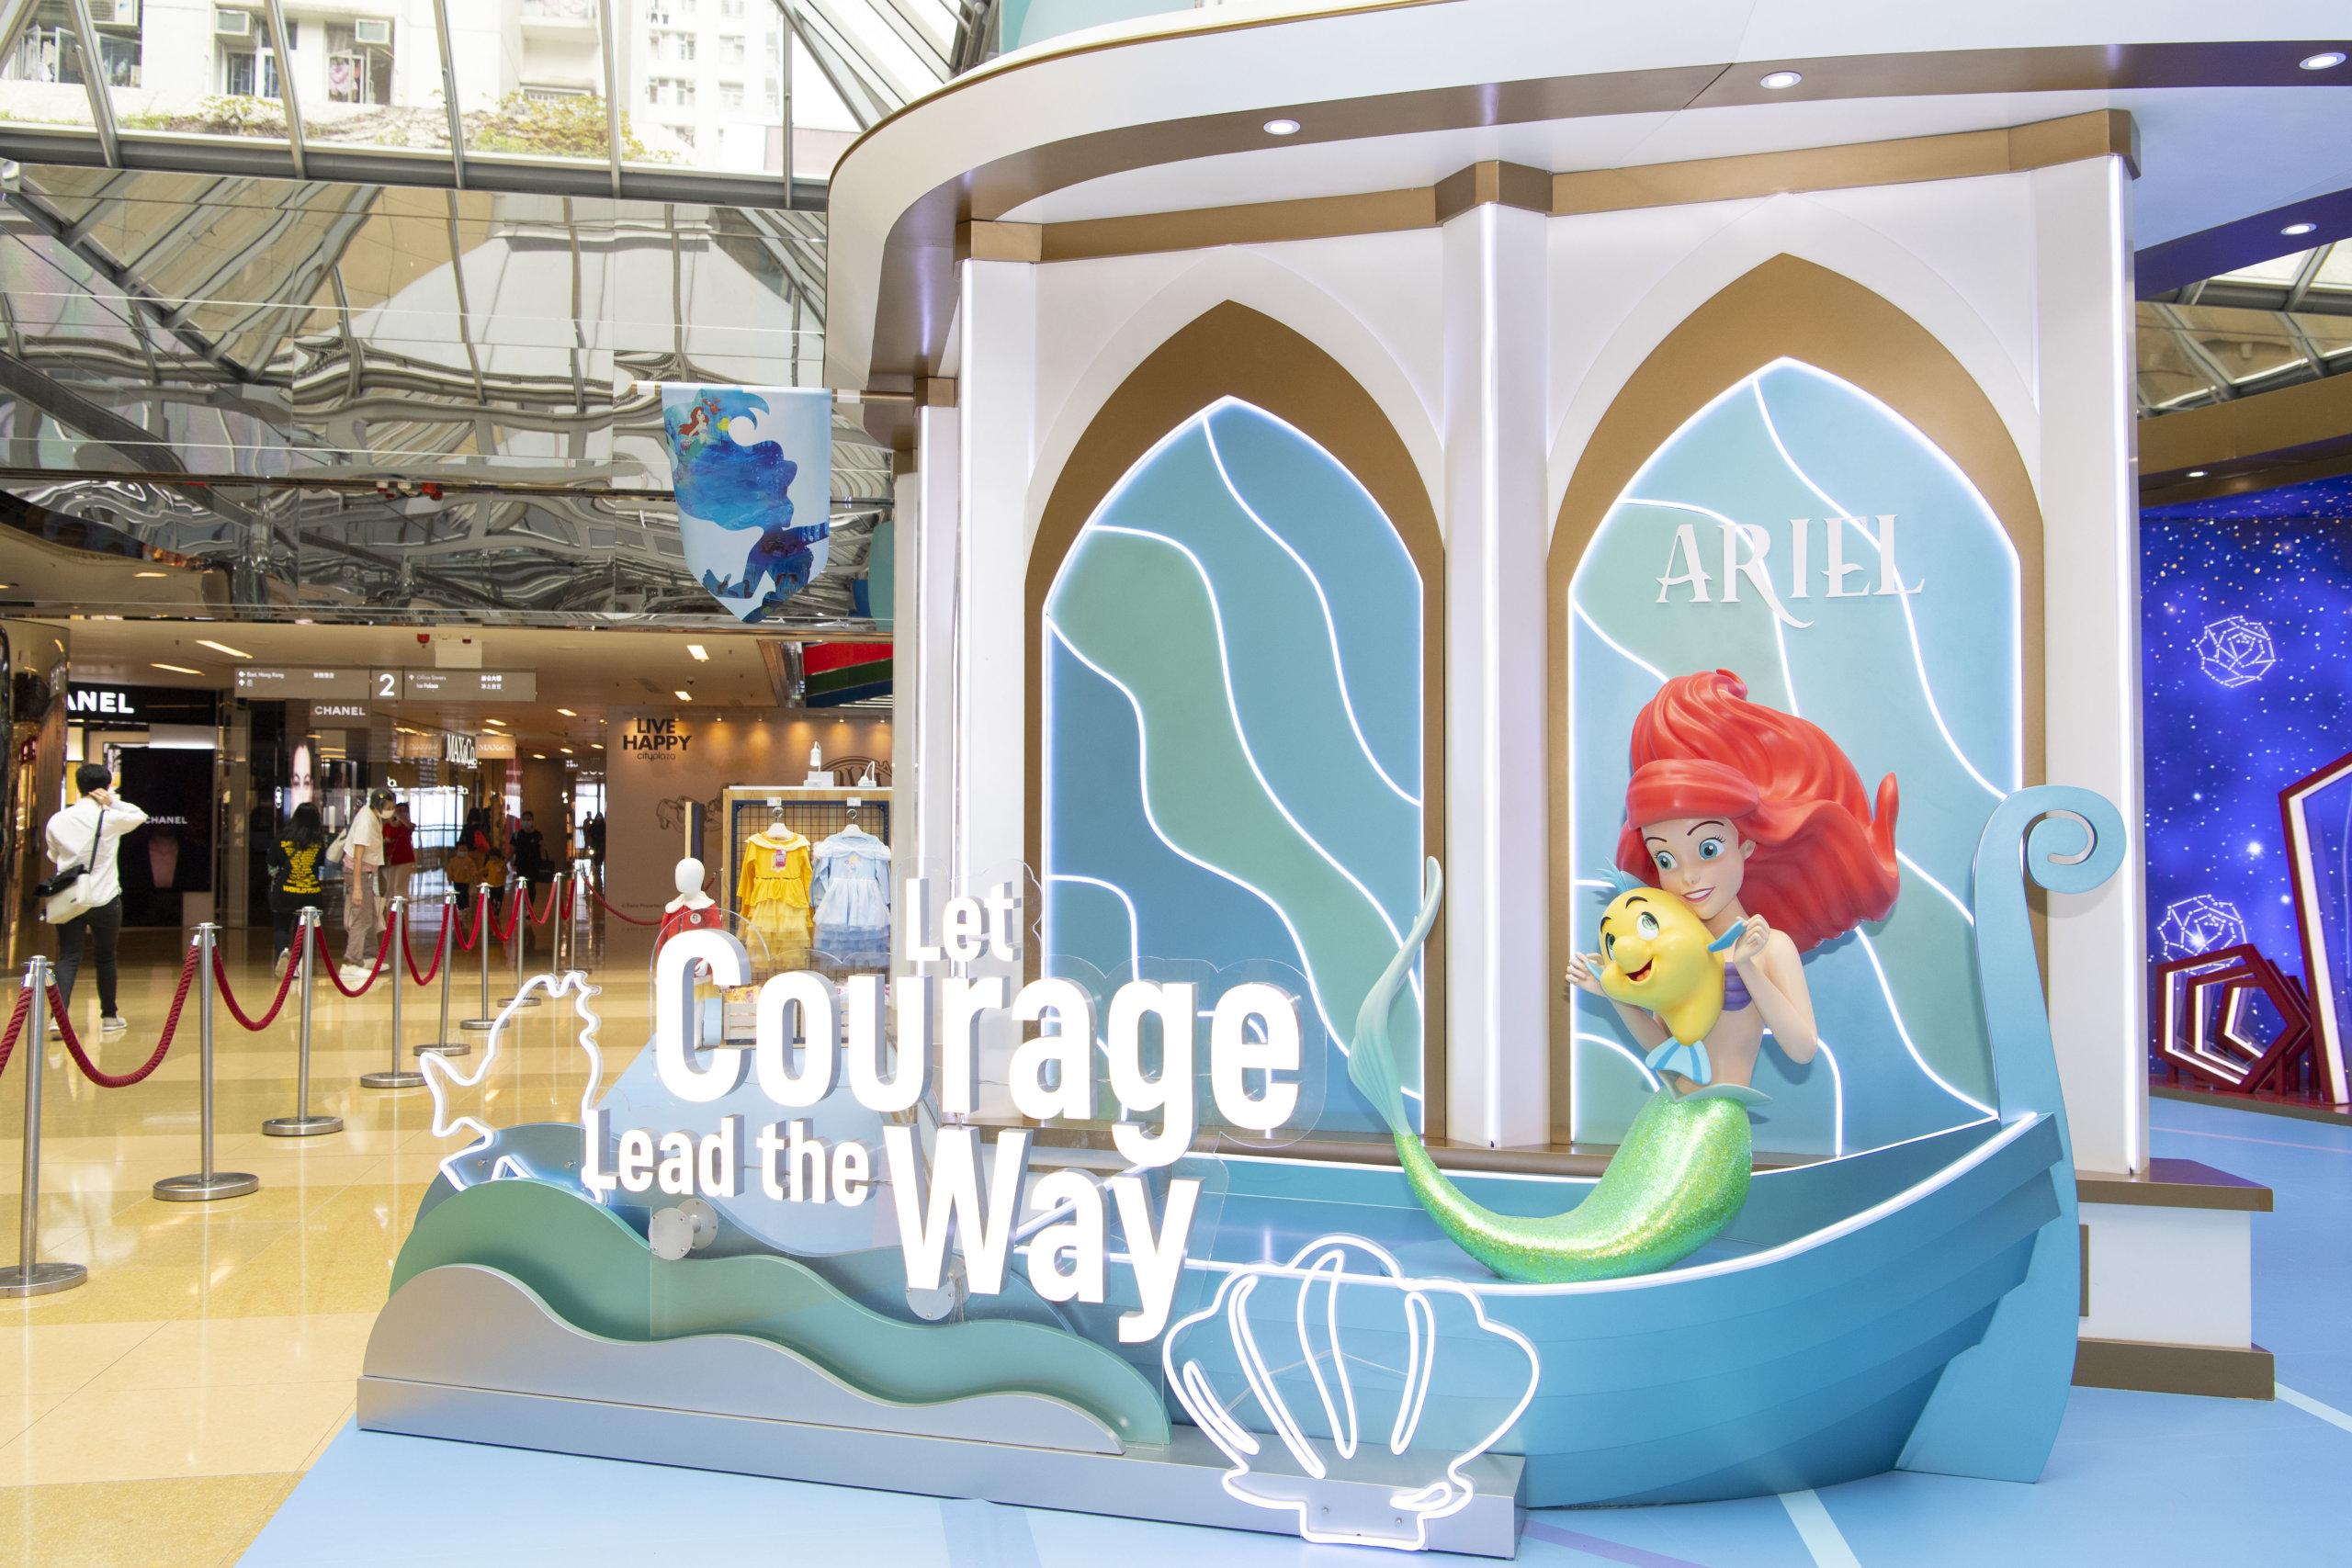 小魚仙艾莉奧與她最好的魚兒朋友小胖正在歡迎大家,她們的身旁寫上「Let Courage Lead The Way」 ,鼓勵大家潛入深海探索「勇闖神秘國度」,讓大家盡情拍出唯美照!